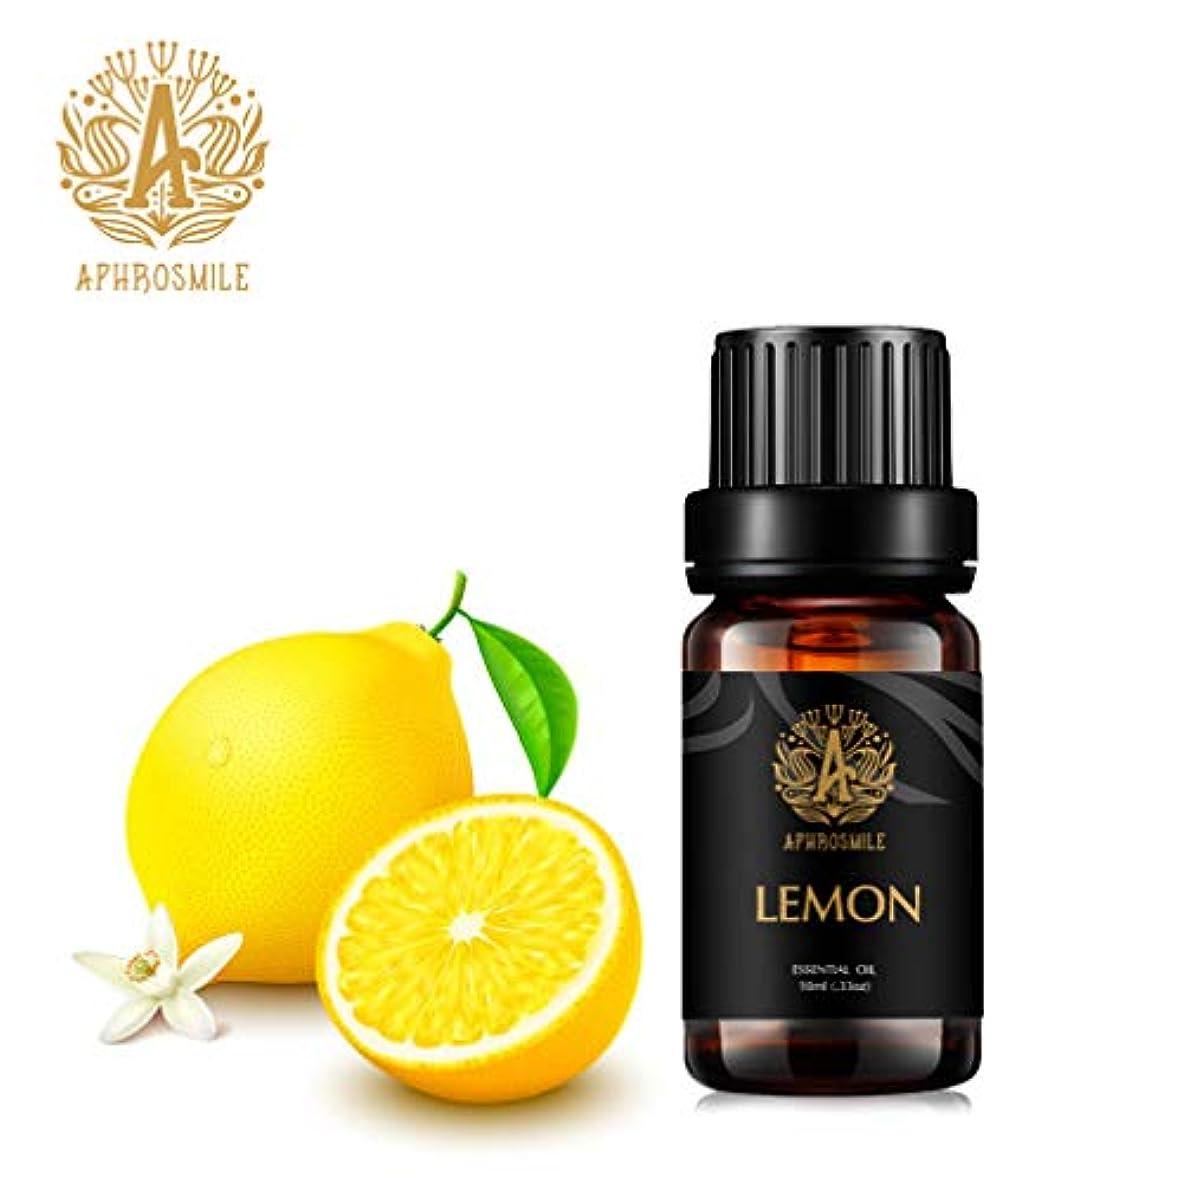 文庫本定常紫のレモン精油、100%純粋なアロマセラピーエッセンシャルオイルレモンの香り、クレンジングとし、空気を浄化します、治療用グレードエッセンシャルオイルレモンの香り為にディフューザー、マッサージ、加湿器、デイリーケア、0.33オンス...